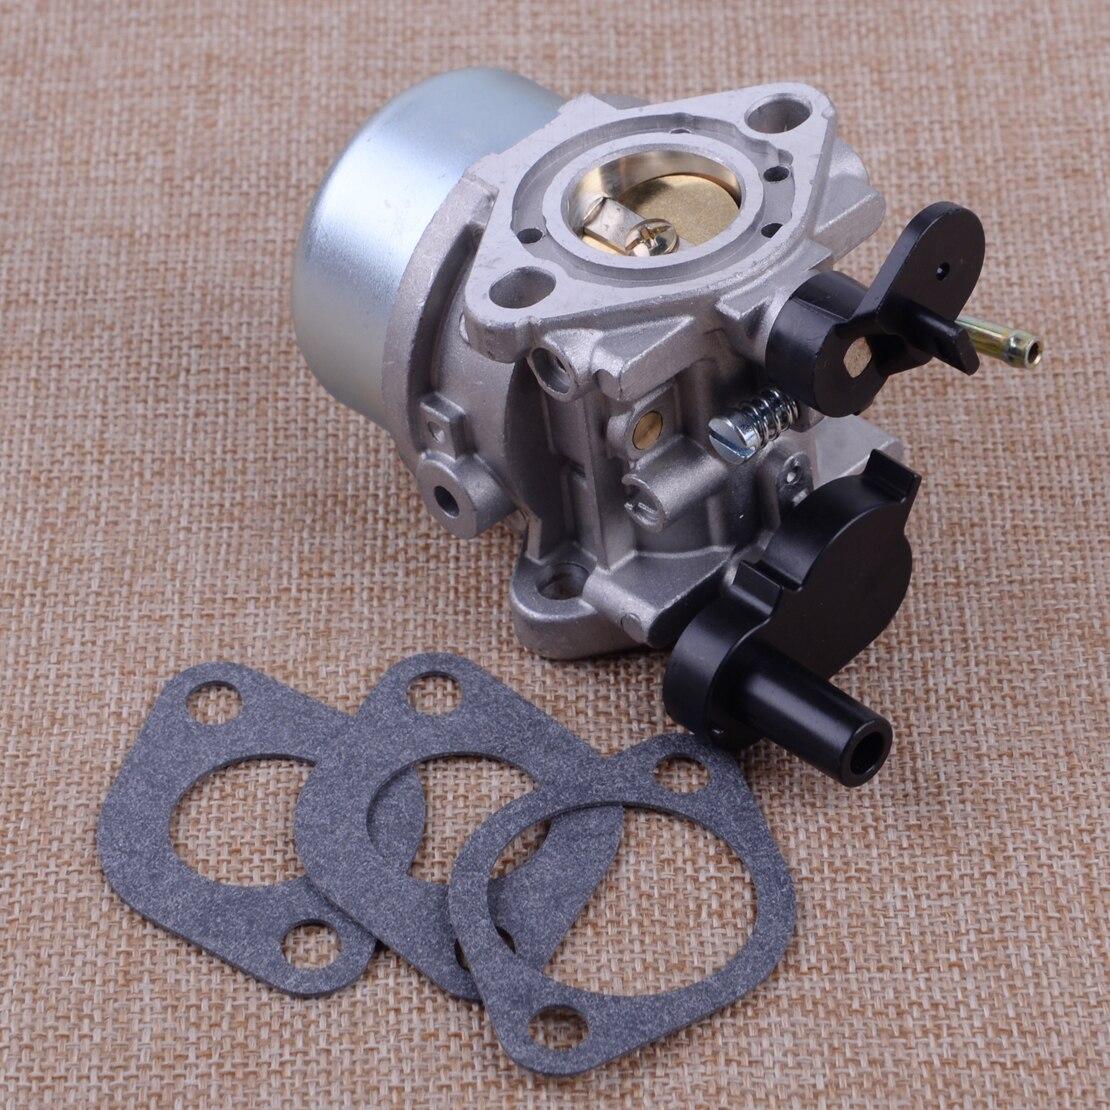 Letaosk High Quality Carburetor Carb With Gasket Kit Fit